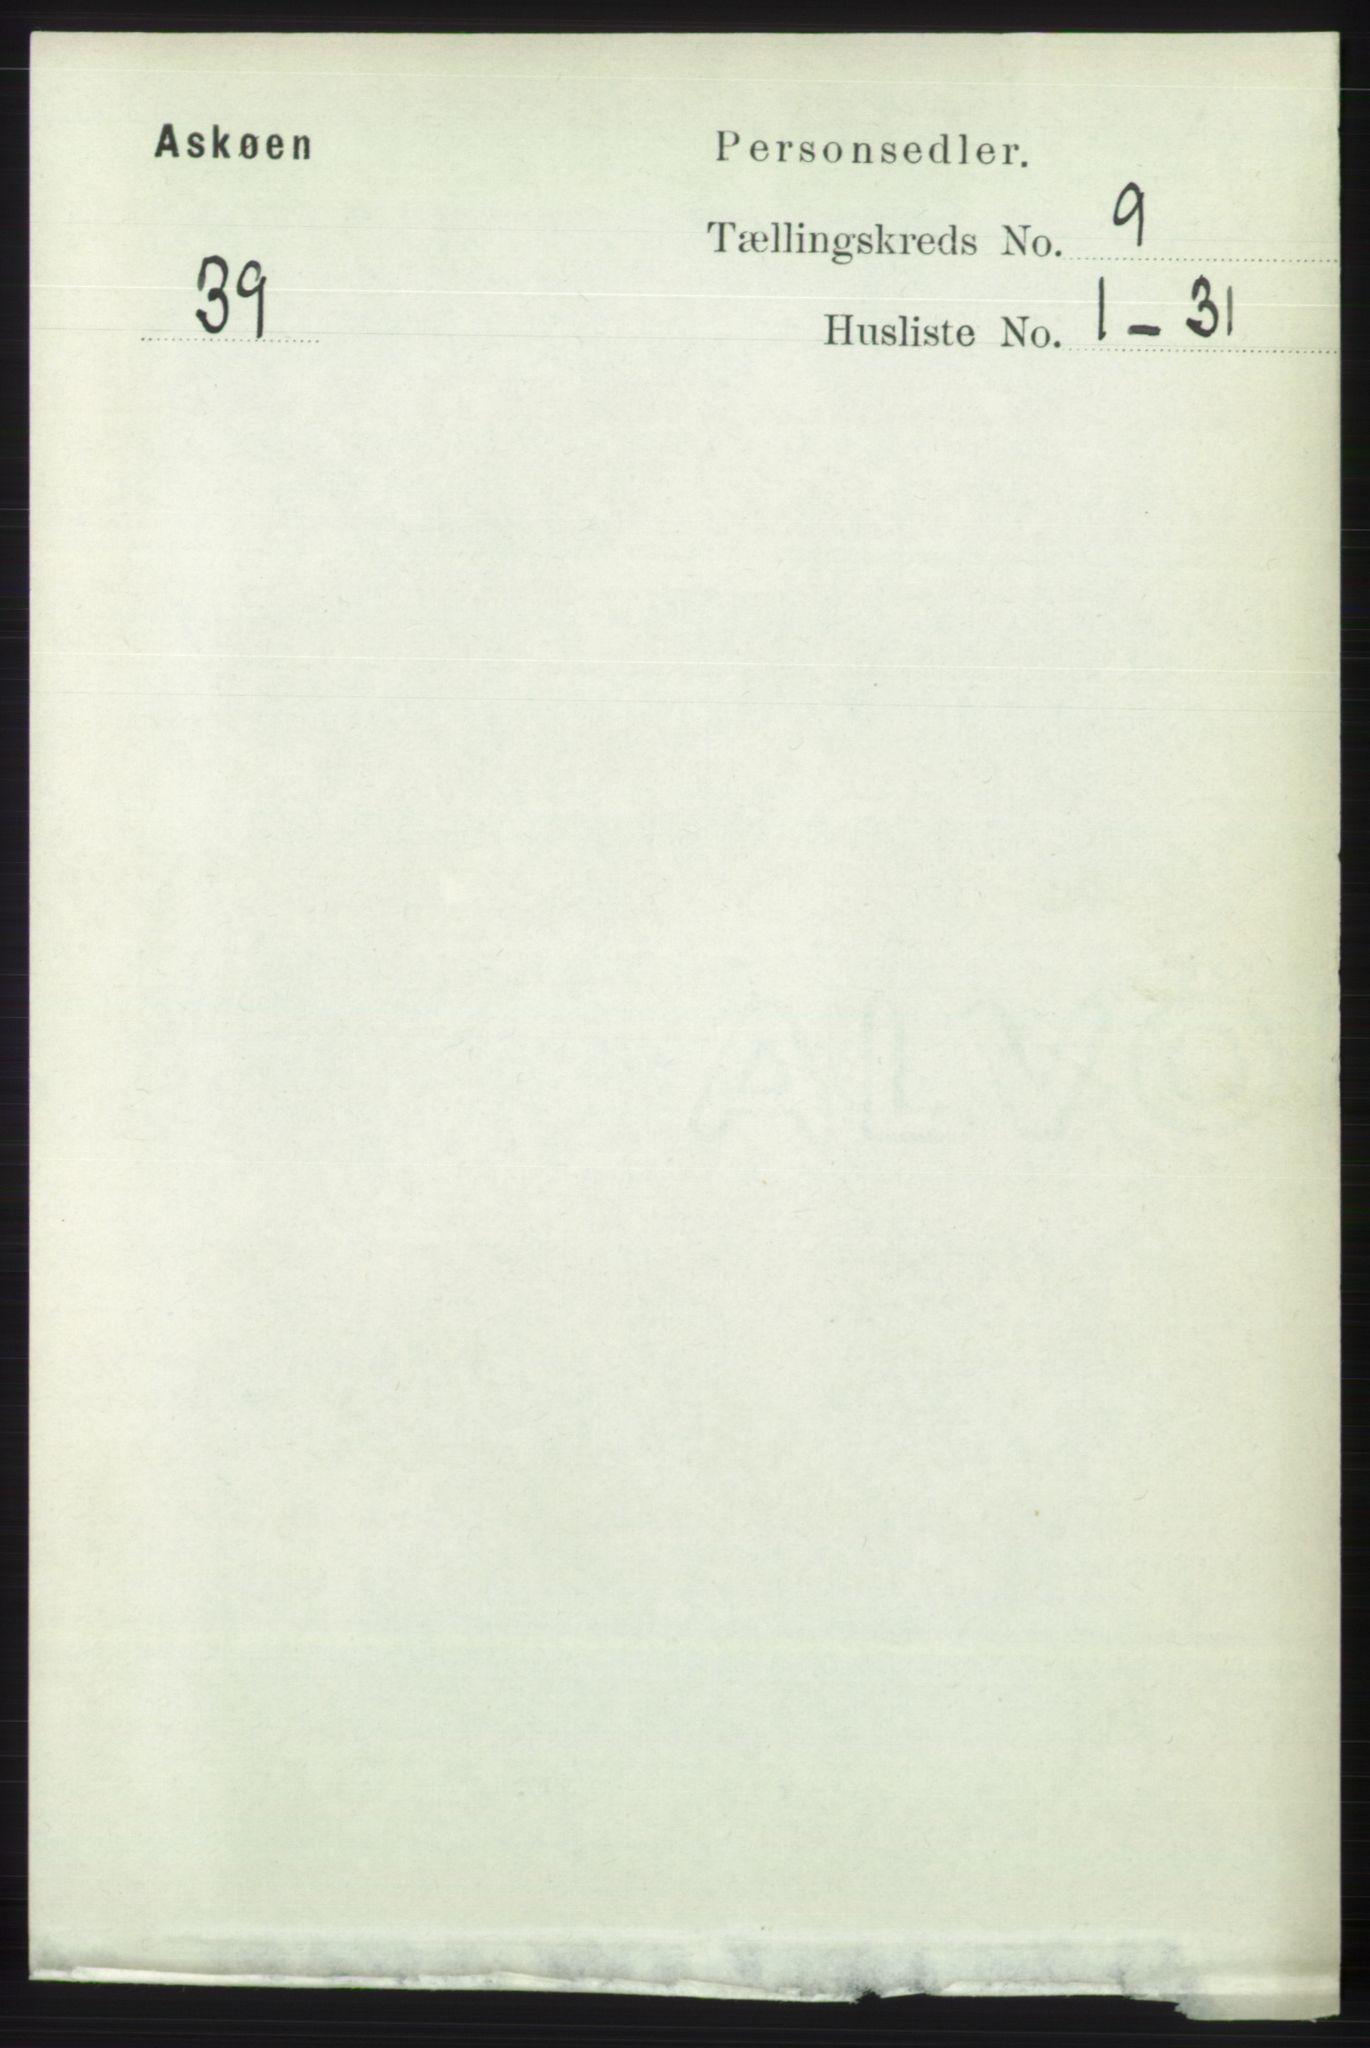 RA, Folketelling 1891 for 1247 Askøy herred, 1891, s. 5950